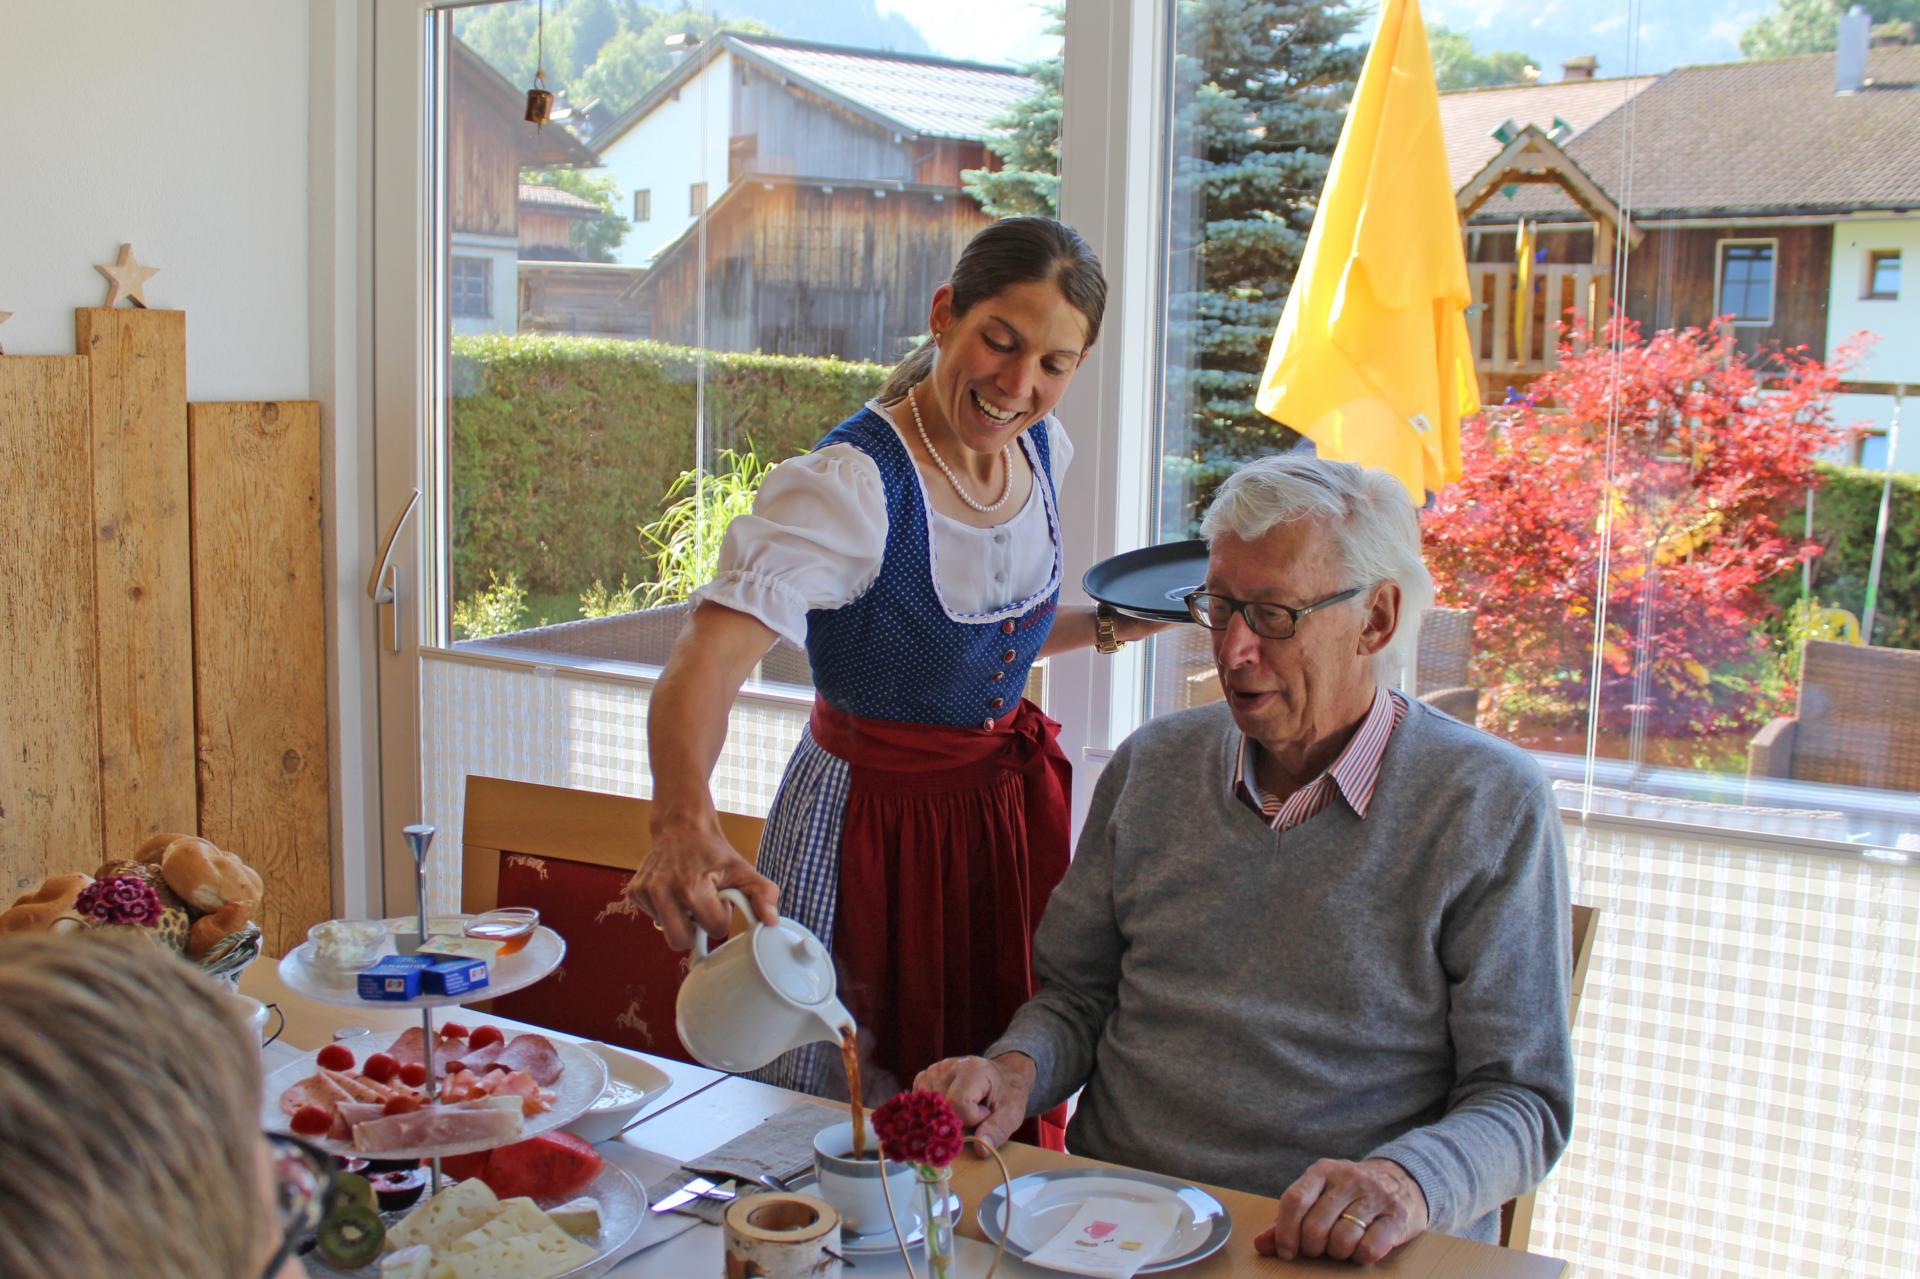 4 Sterne Zugspitzhof Ehrwald #Bildergalerie#Verpflegung